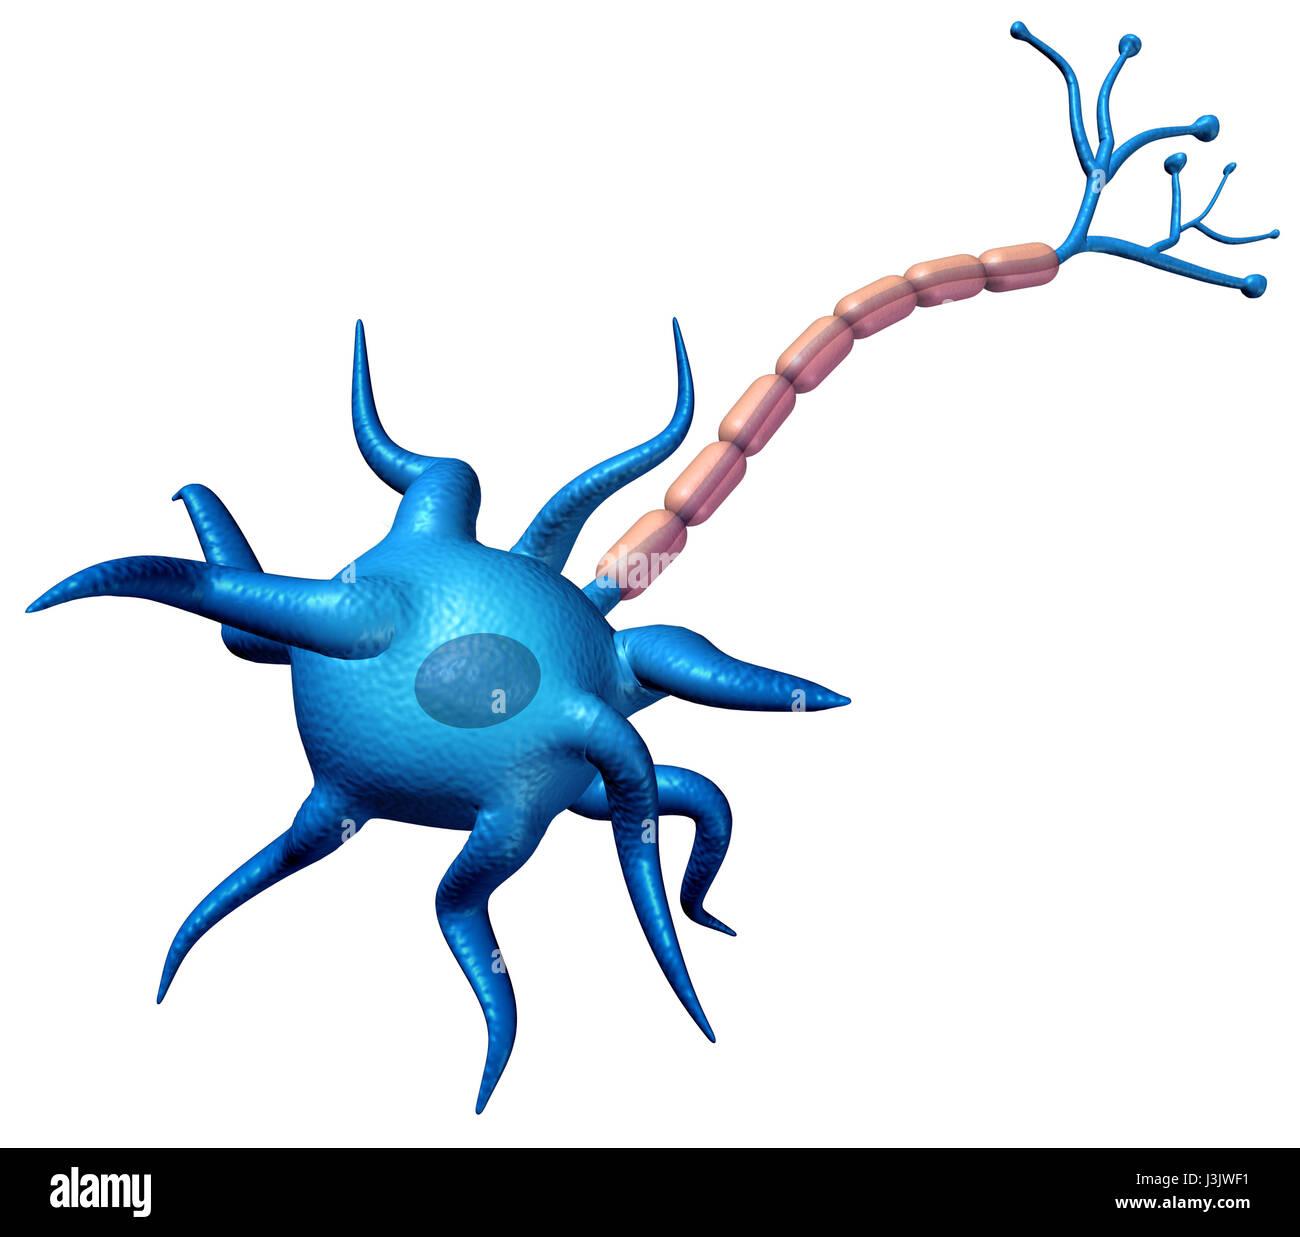 Sinapsis neurona cuerpo anatomía aislado en un fondo blanco con cuerpo celular axón y vaina de mielina Imagen De Stock